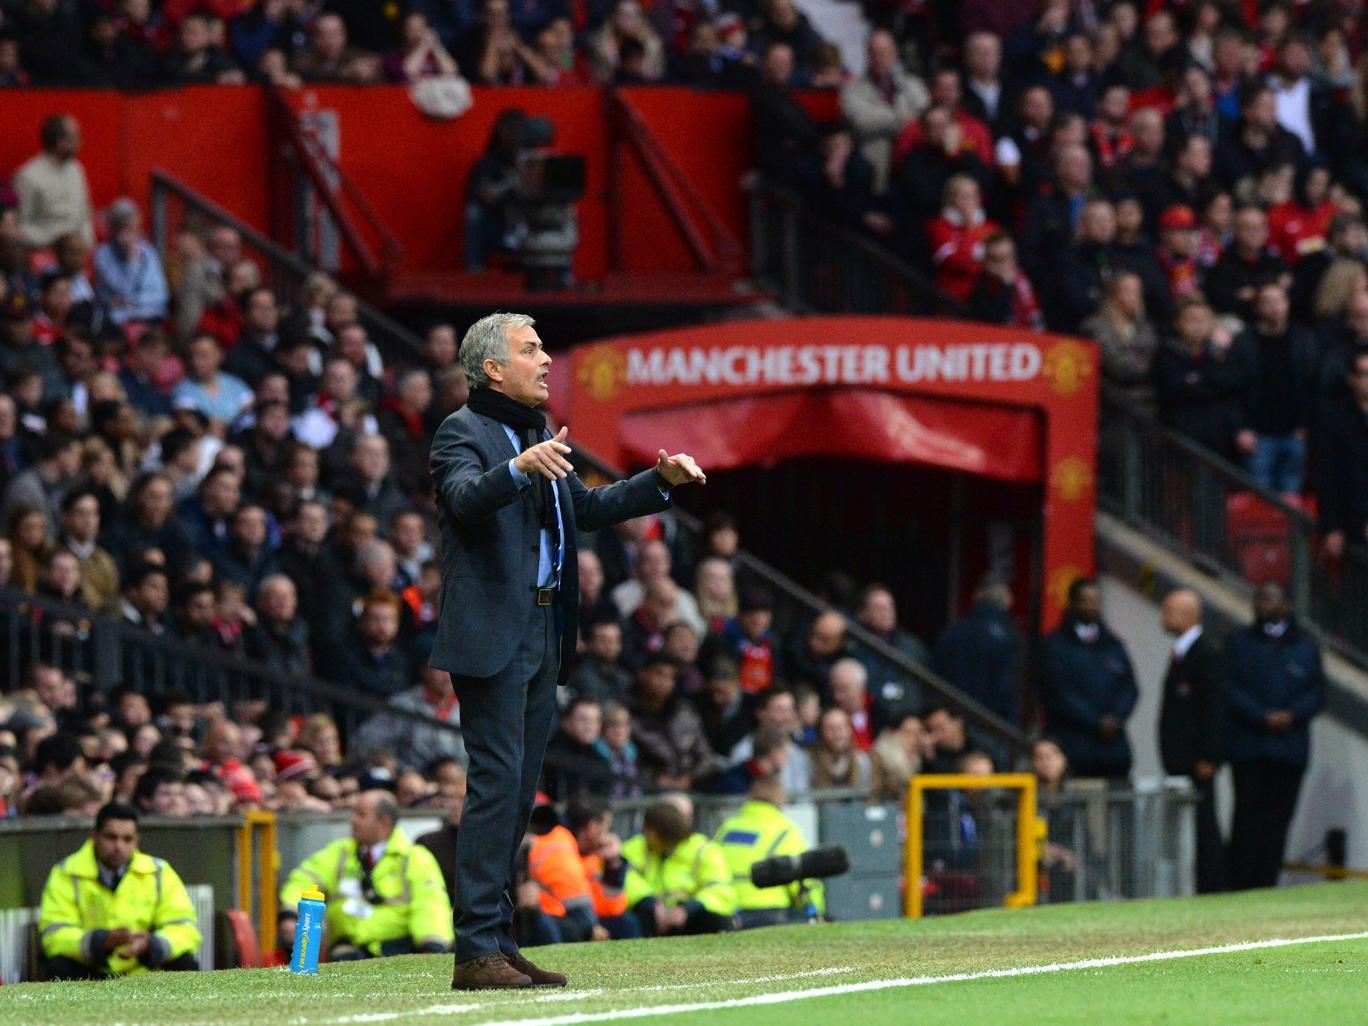 https://i1.wp.com/therepublikofmancunia.com/wp-content/uploads/2016/04/Mourinho.jpg